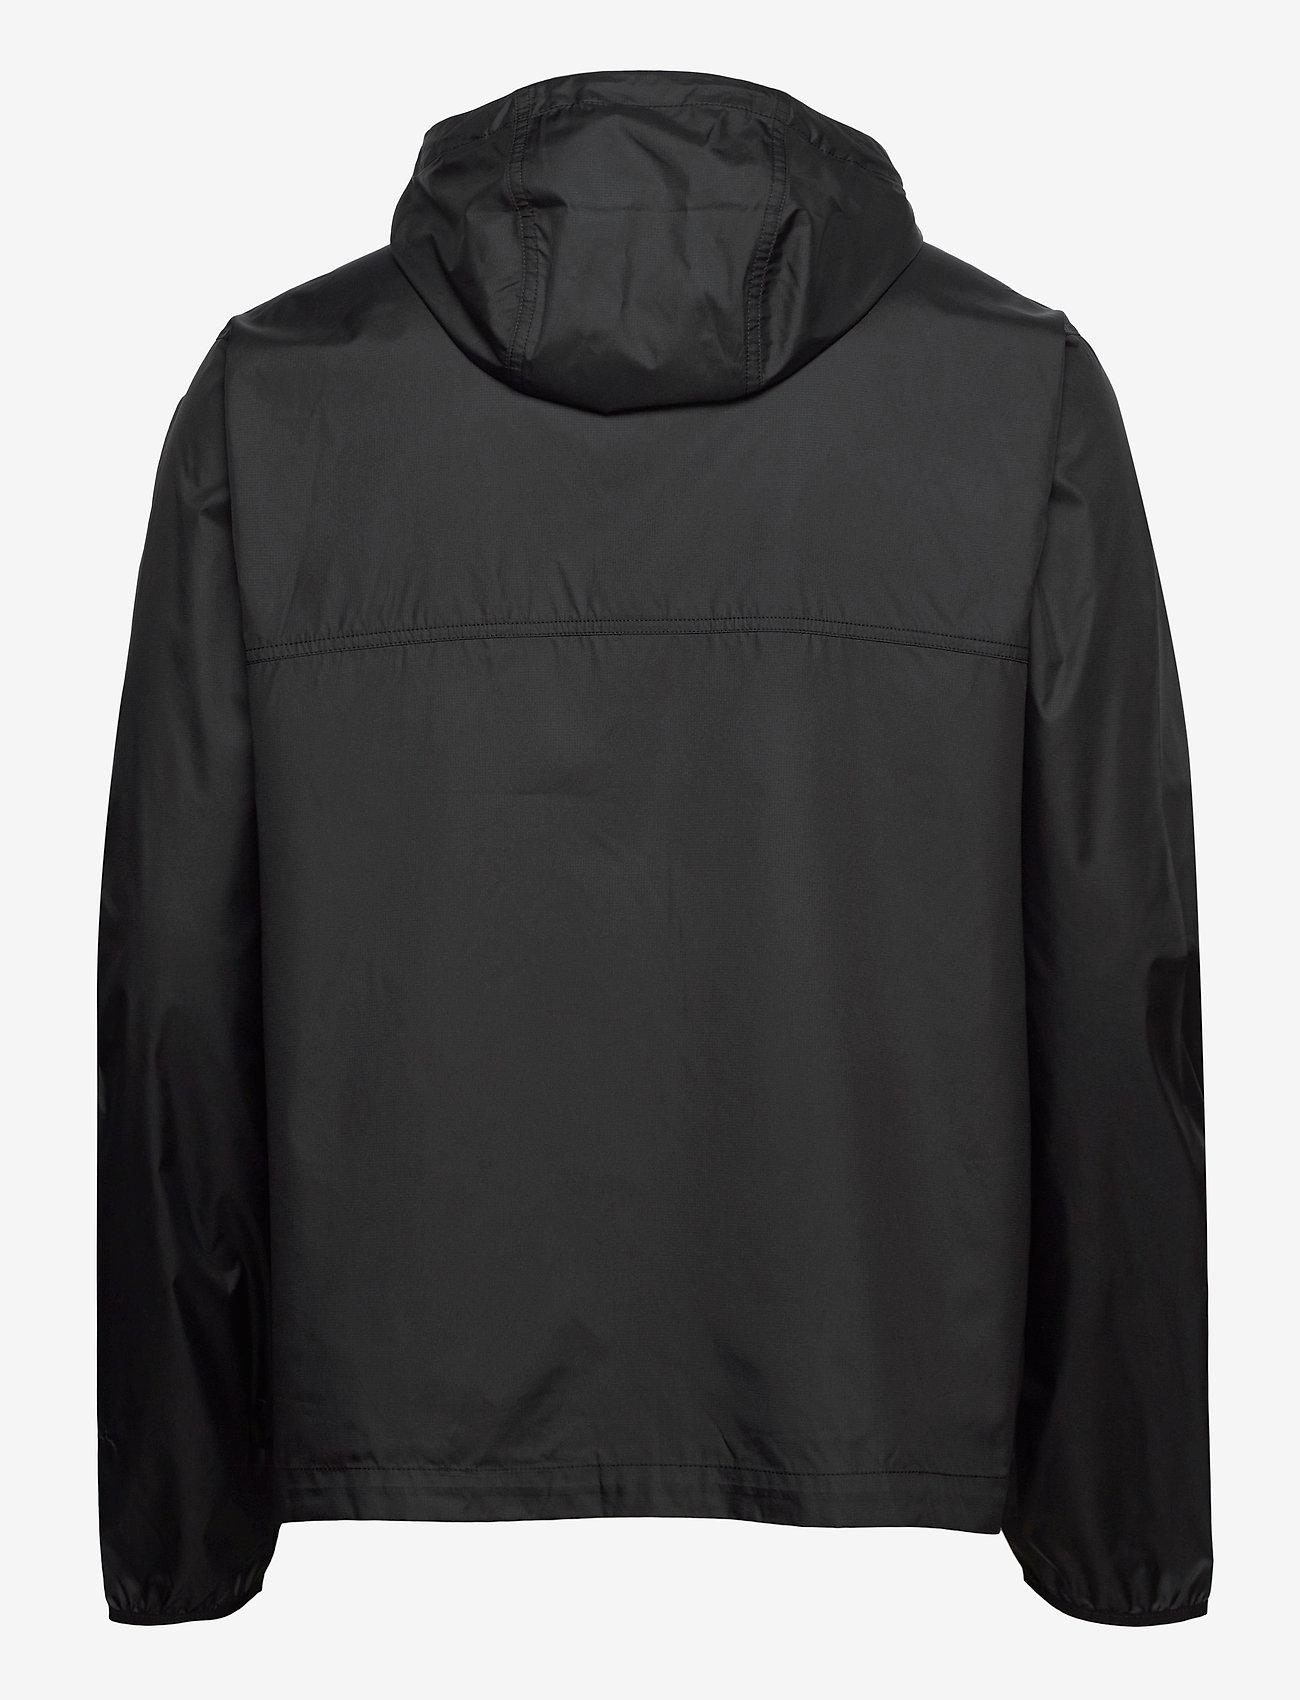 The North Face - M CYCLONE JACKET - vestes d'extérieur et de pluie - tnf black - 1